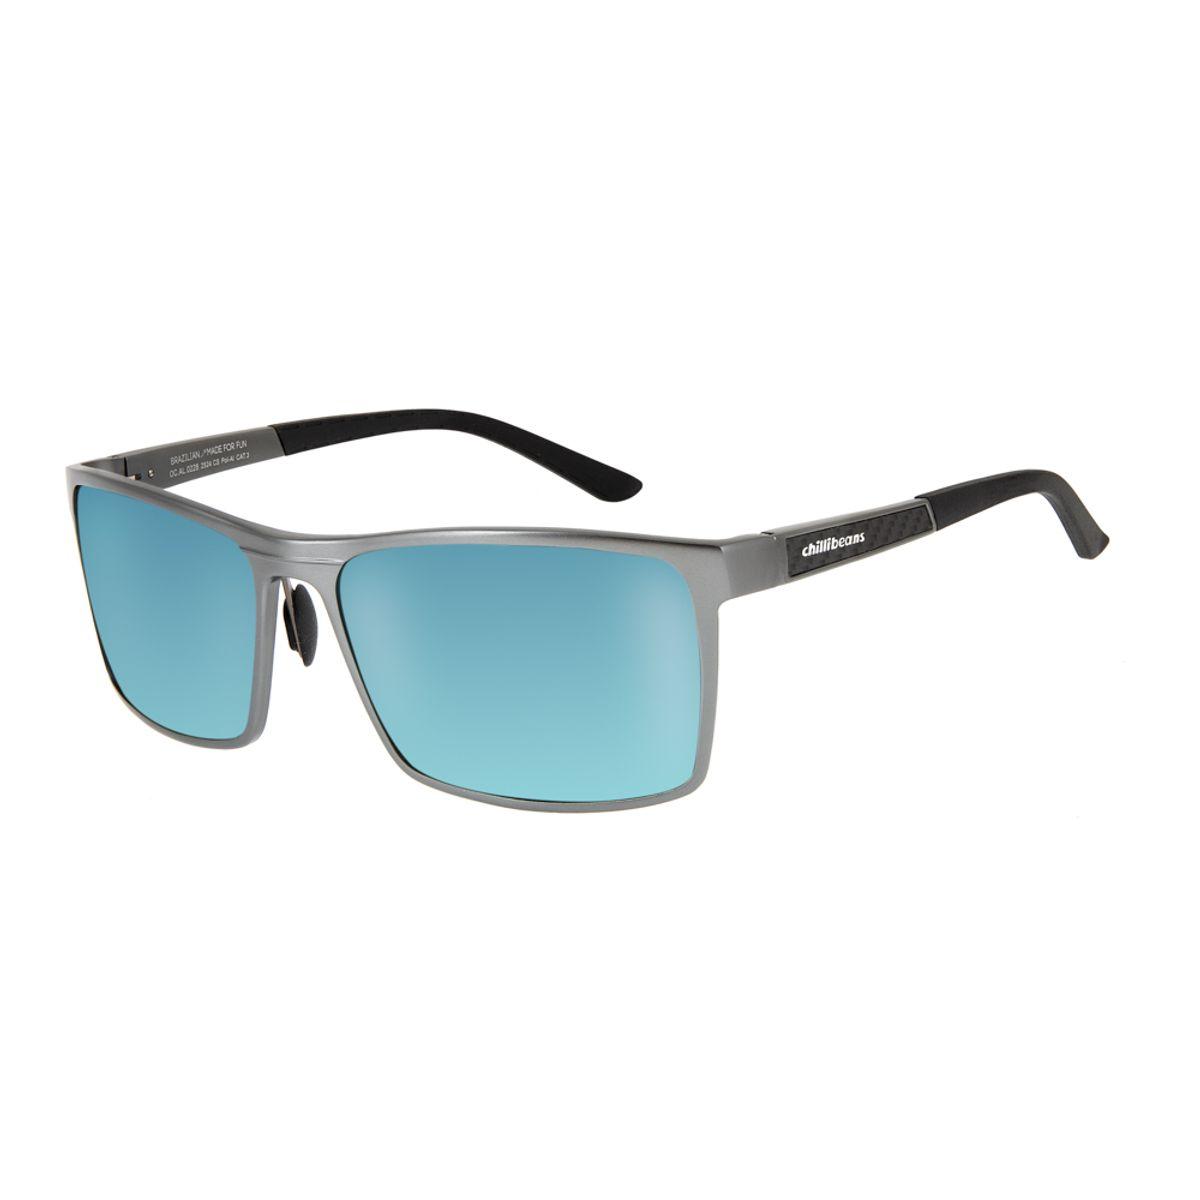 a615242a5 bahrainpavilion2015 - Guide oculos feminino espelhado quadrado